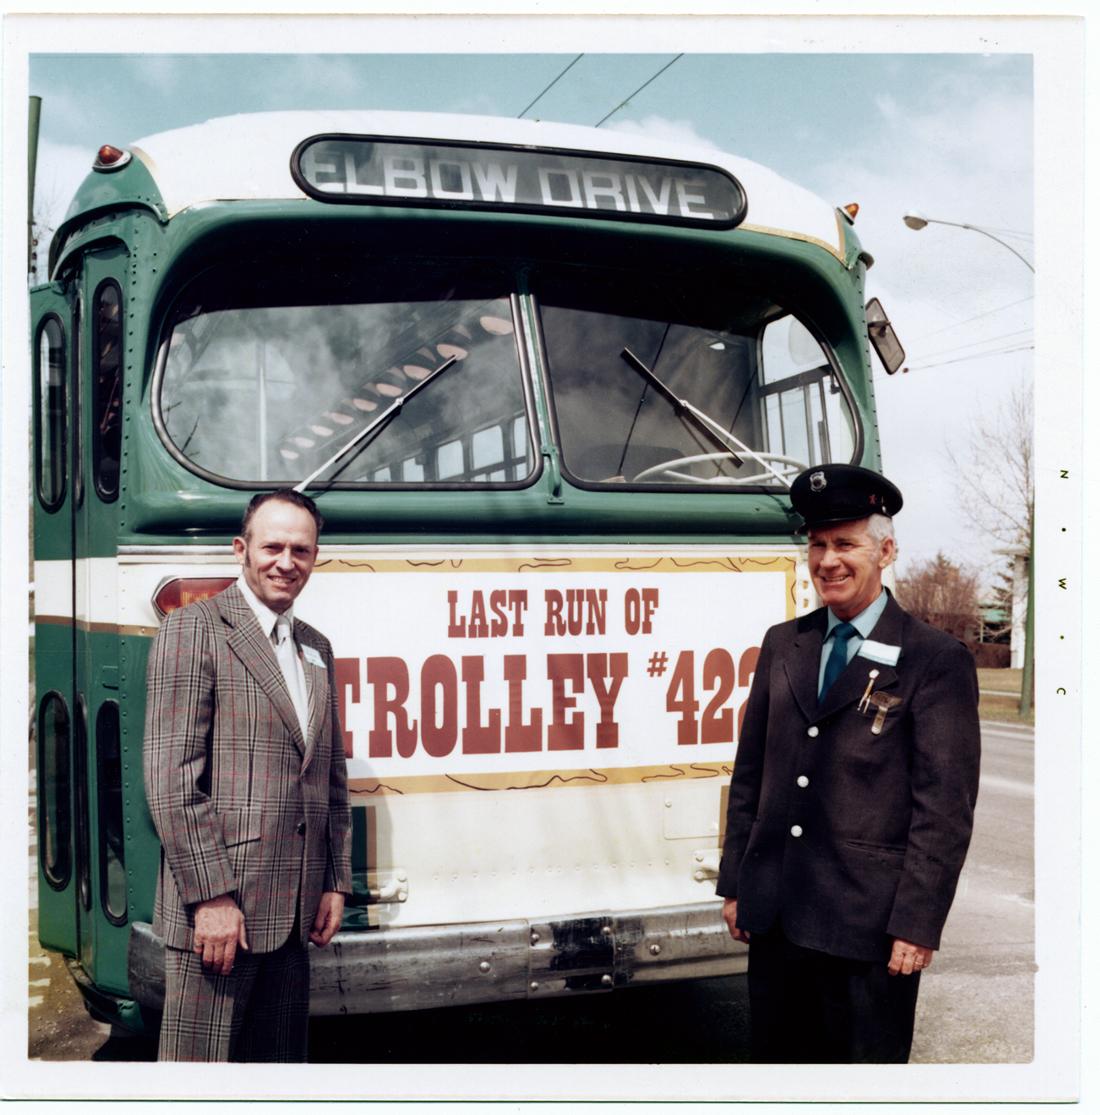 Calgary Trolley Coach